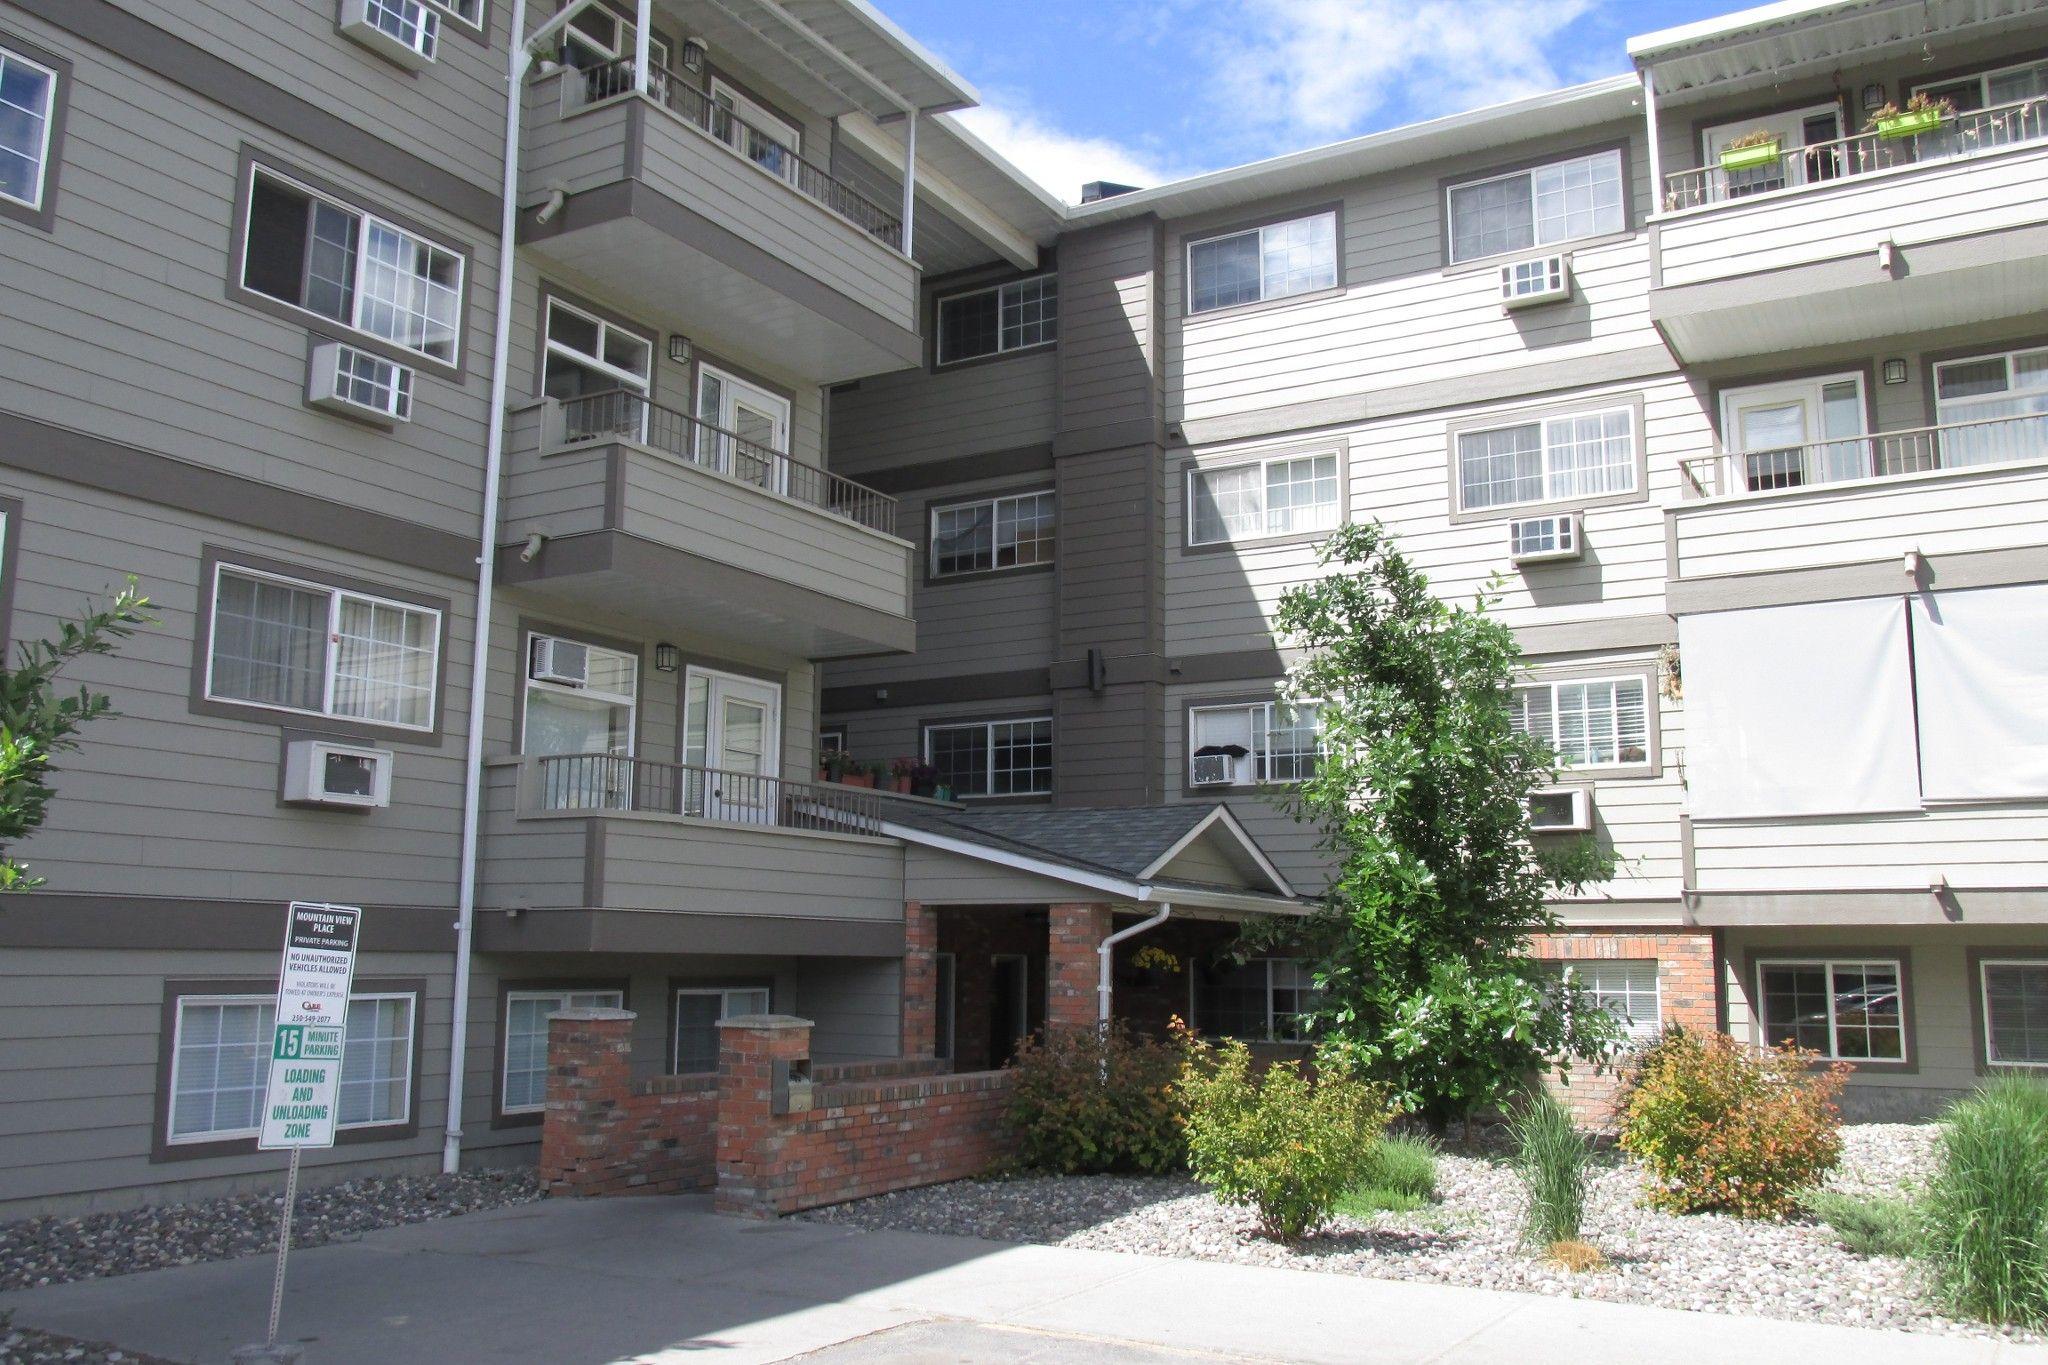 Photo 1: Photos: #406 3700 28A St in Vernon: City of Vernon Condo for sale : MLS®# 10184299